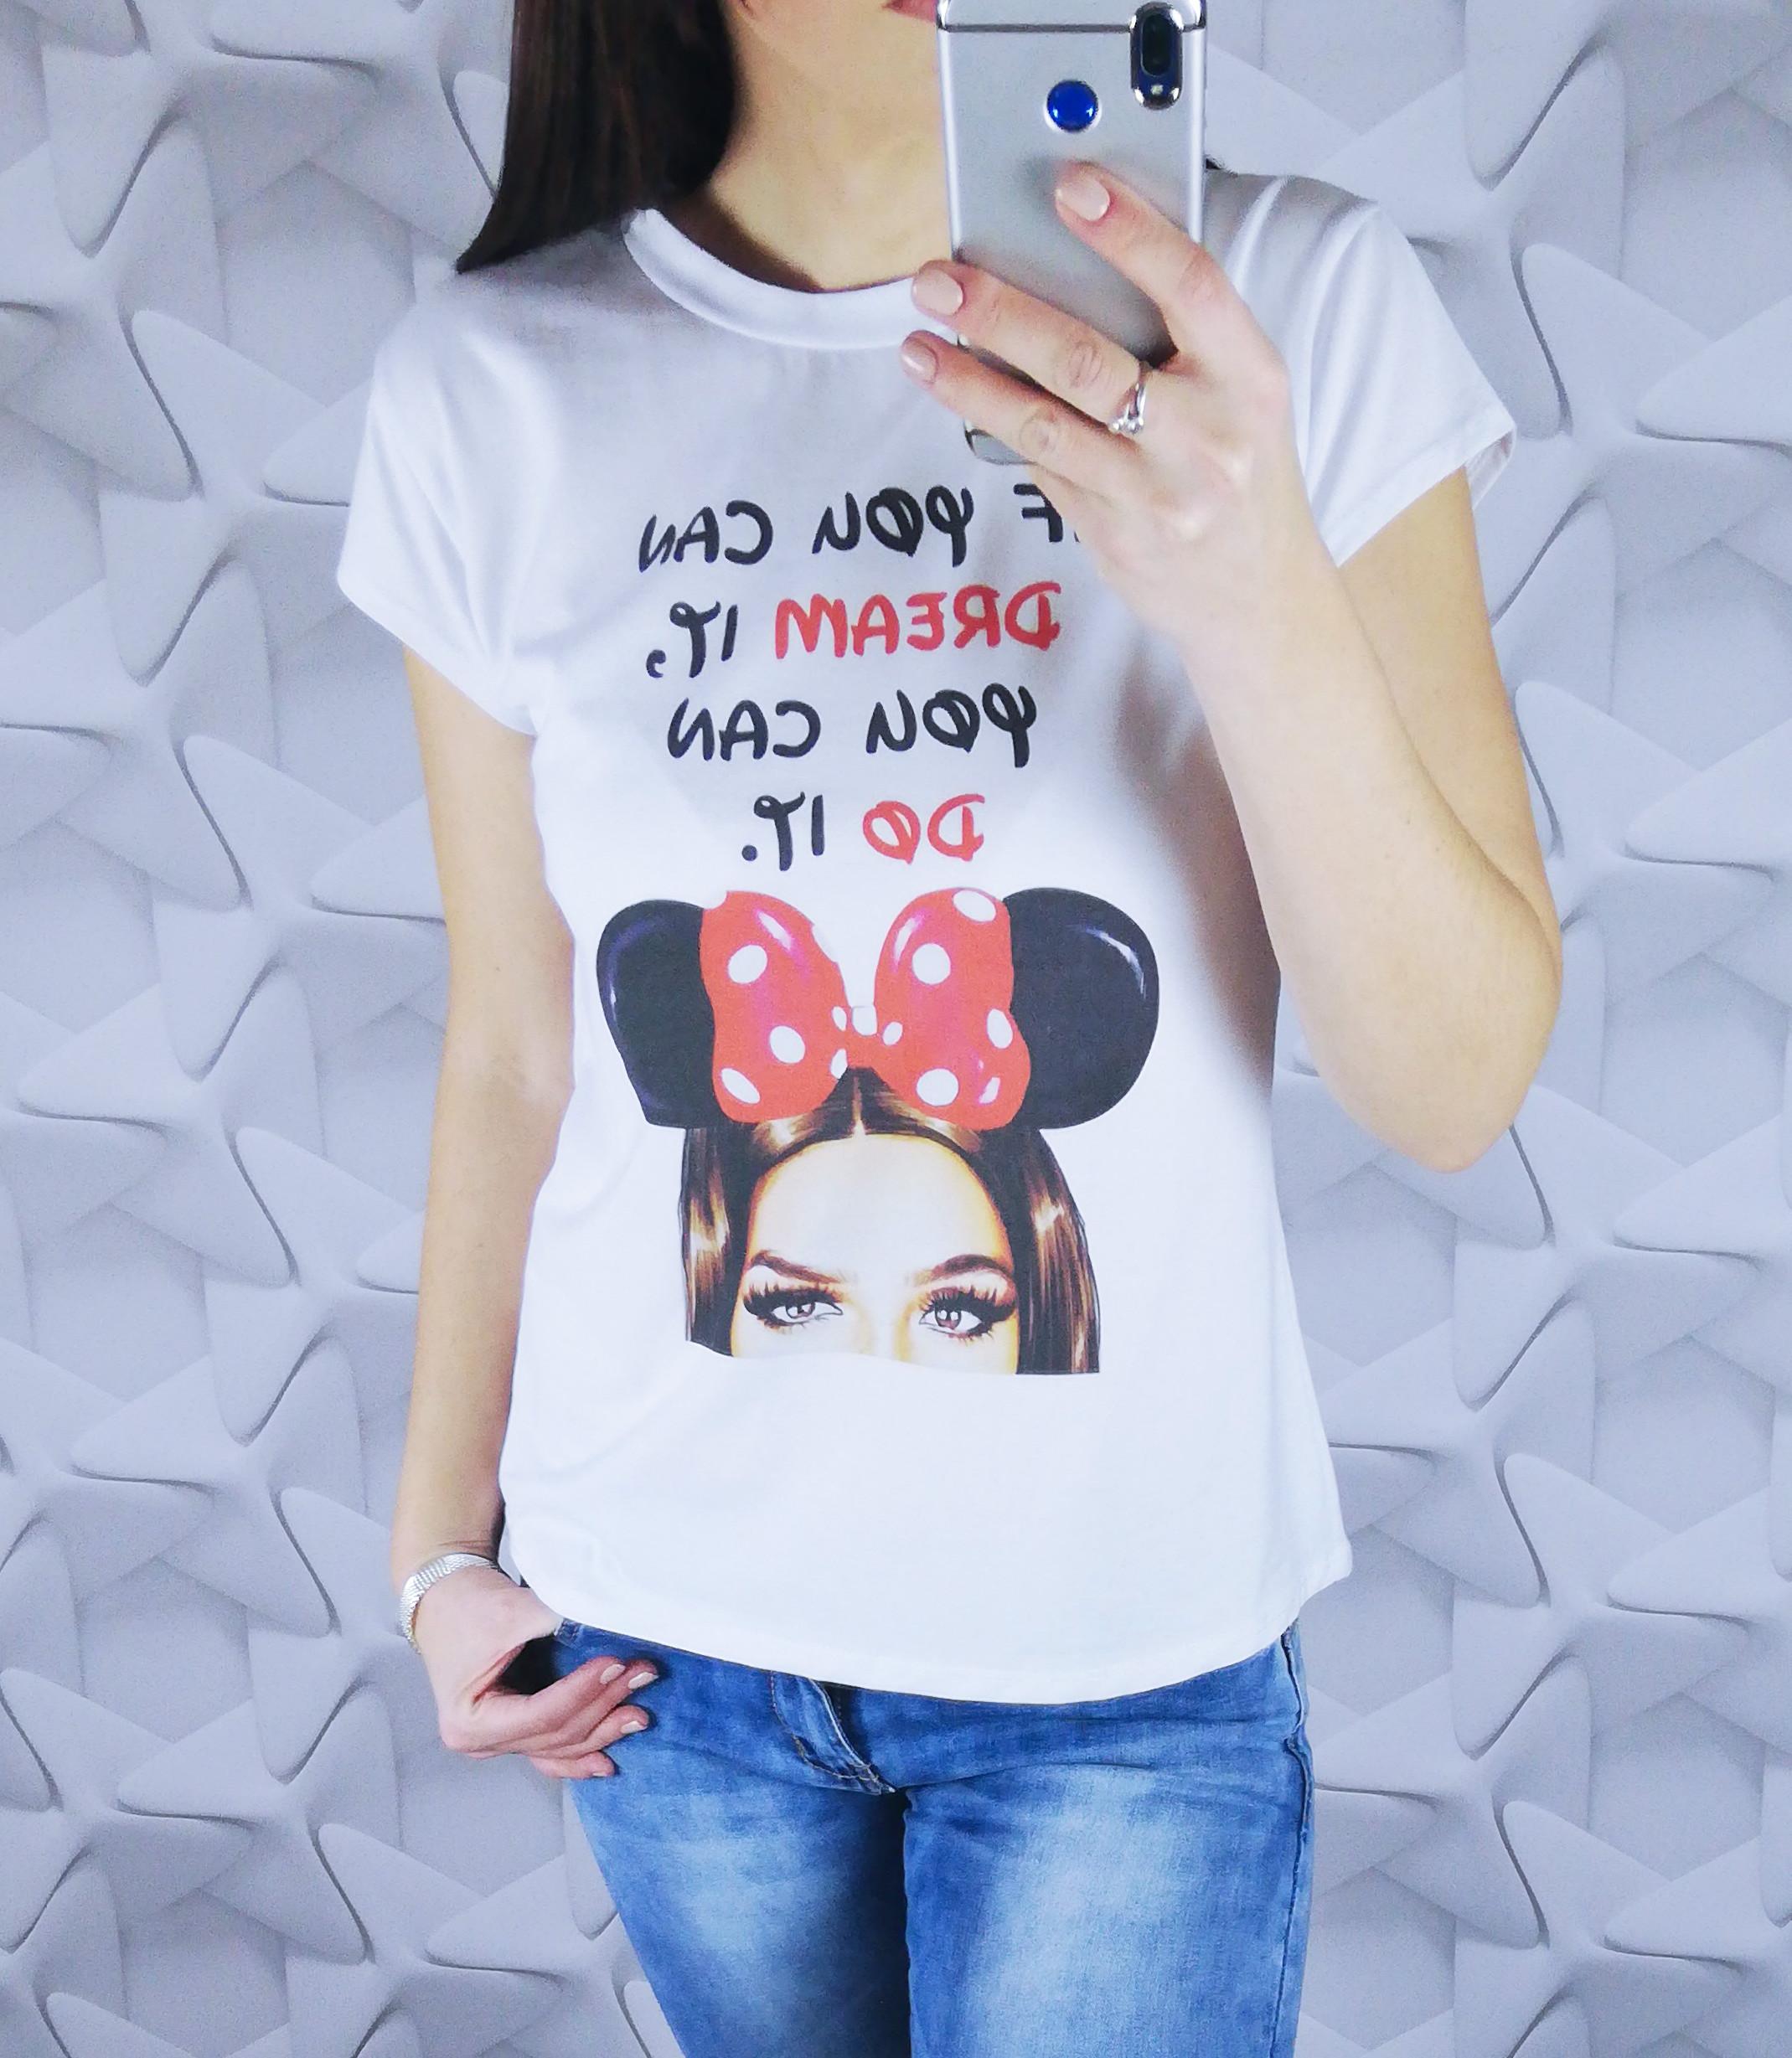 dámske tričko, damske tricko, damske tricko s potlacou, dámske tričko s potlačou, biele tricko s potlacou